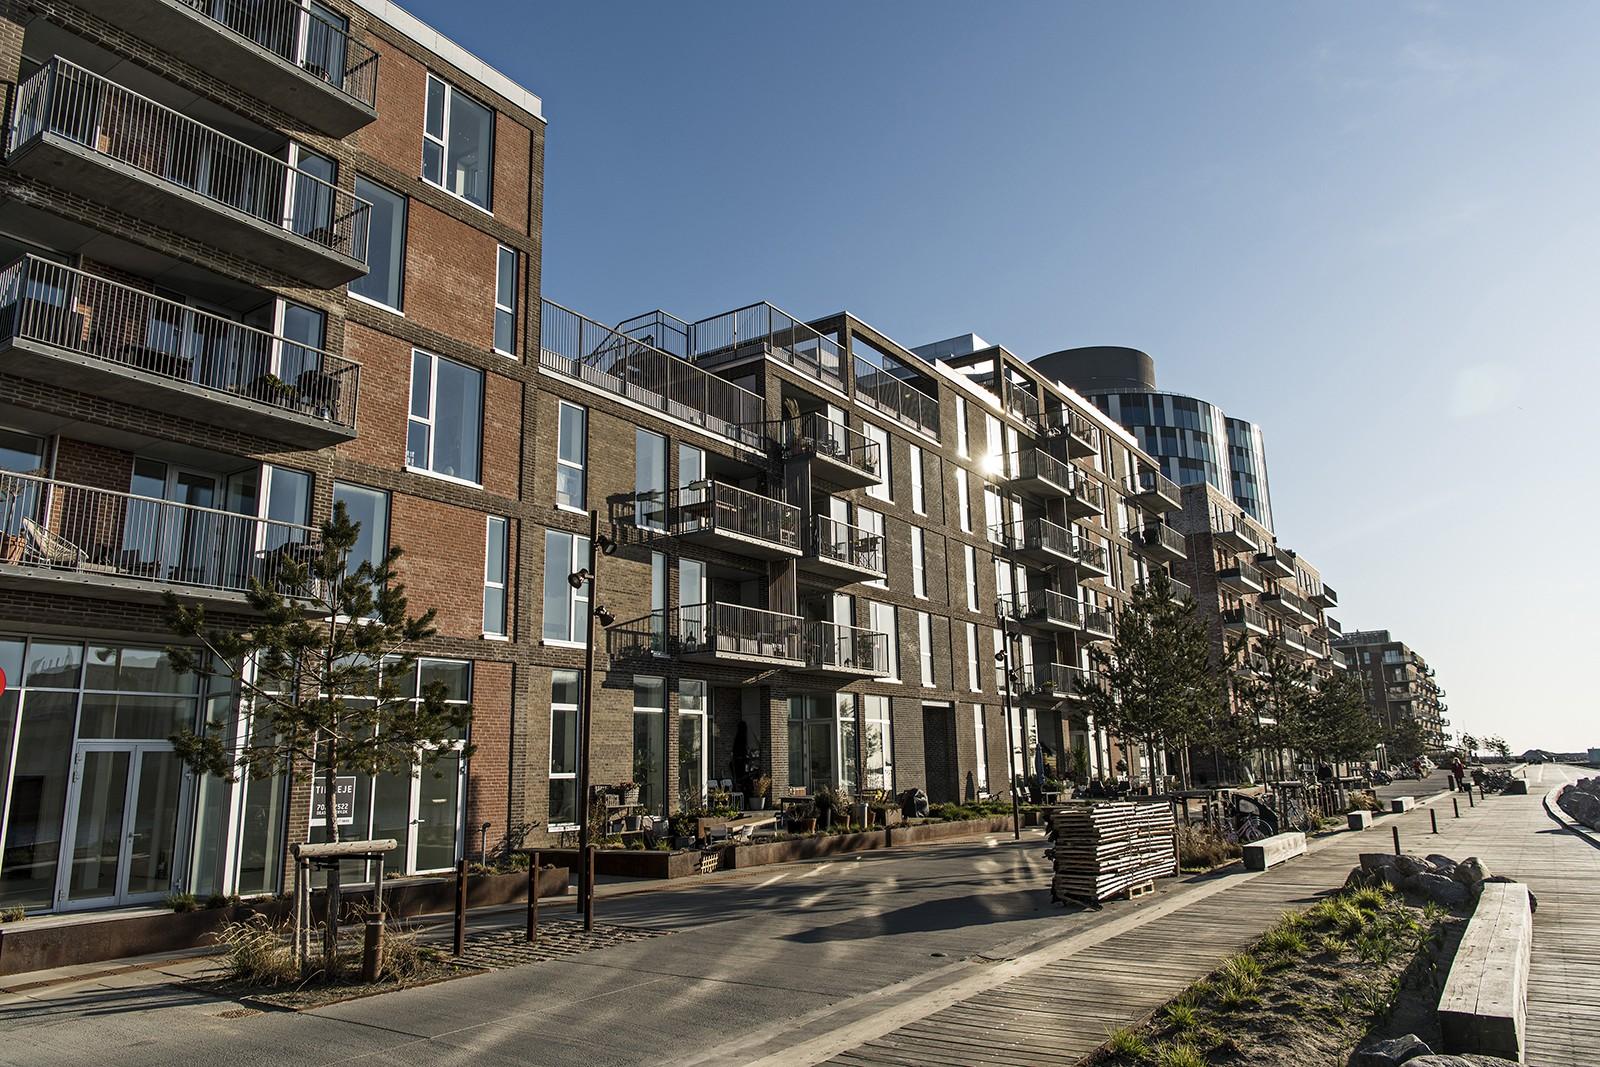 Lejlighedskompleks i nordhavn